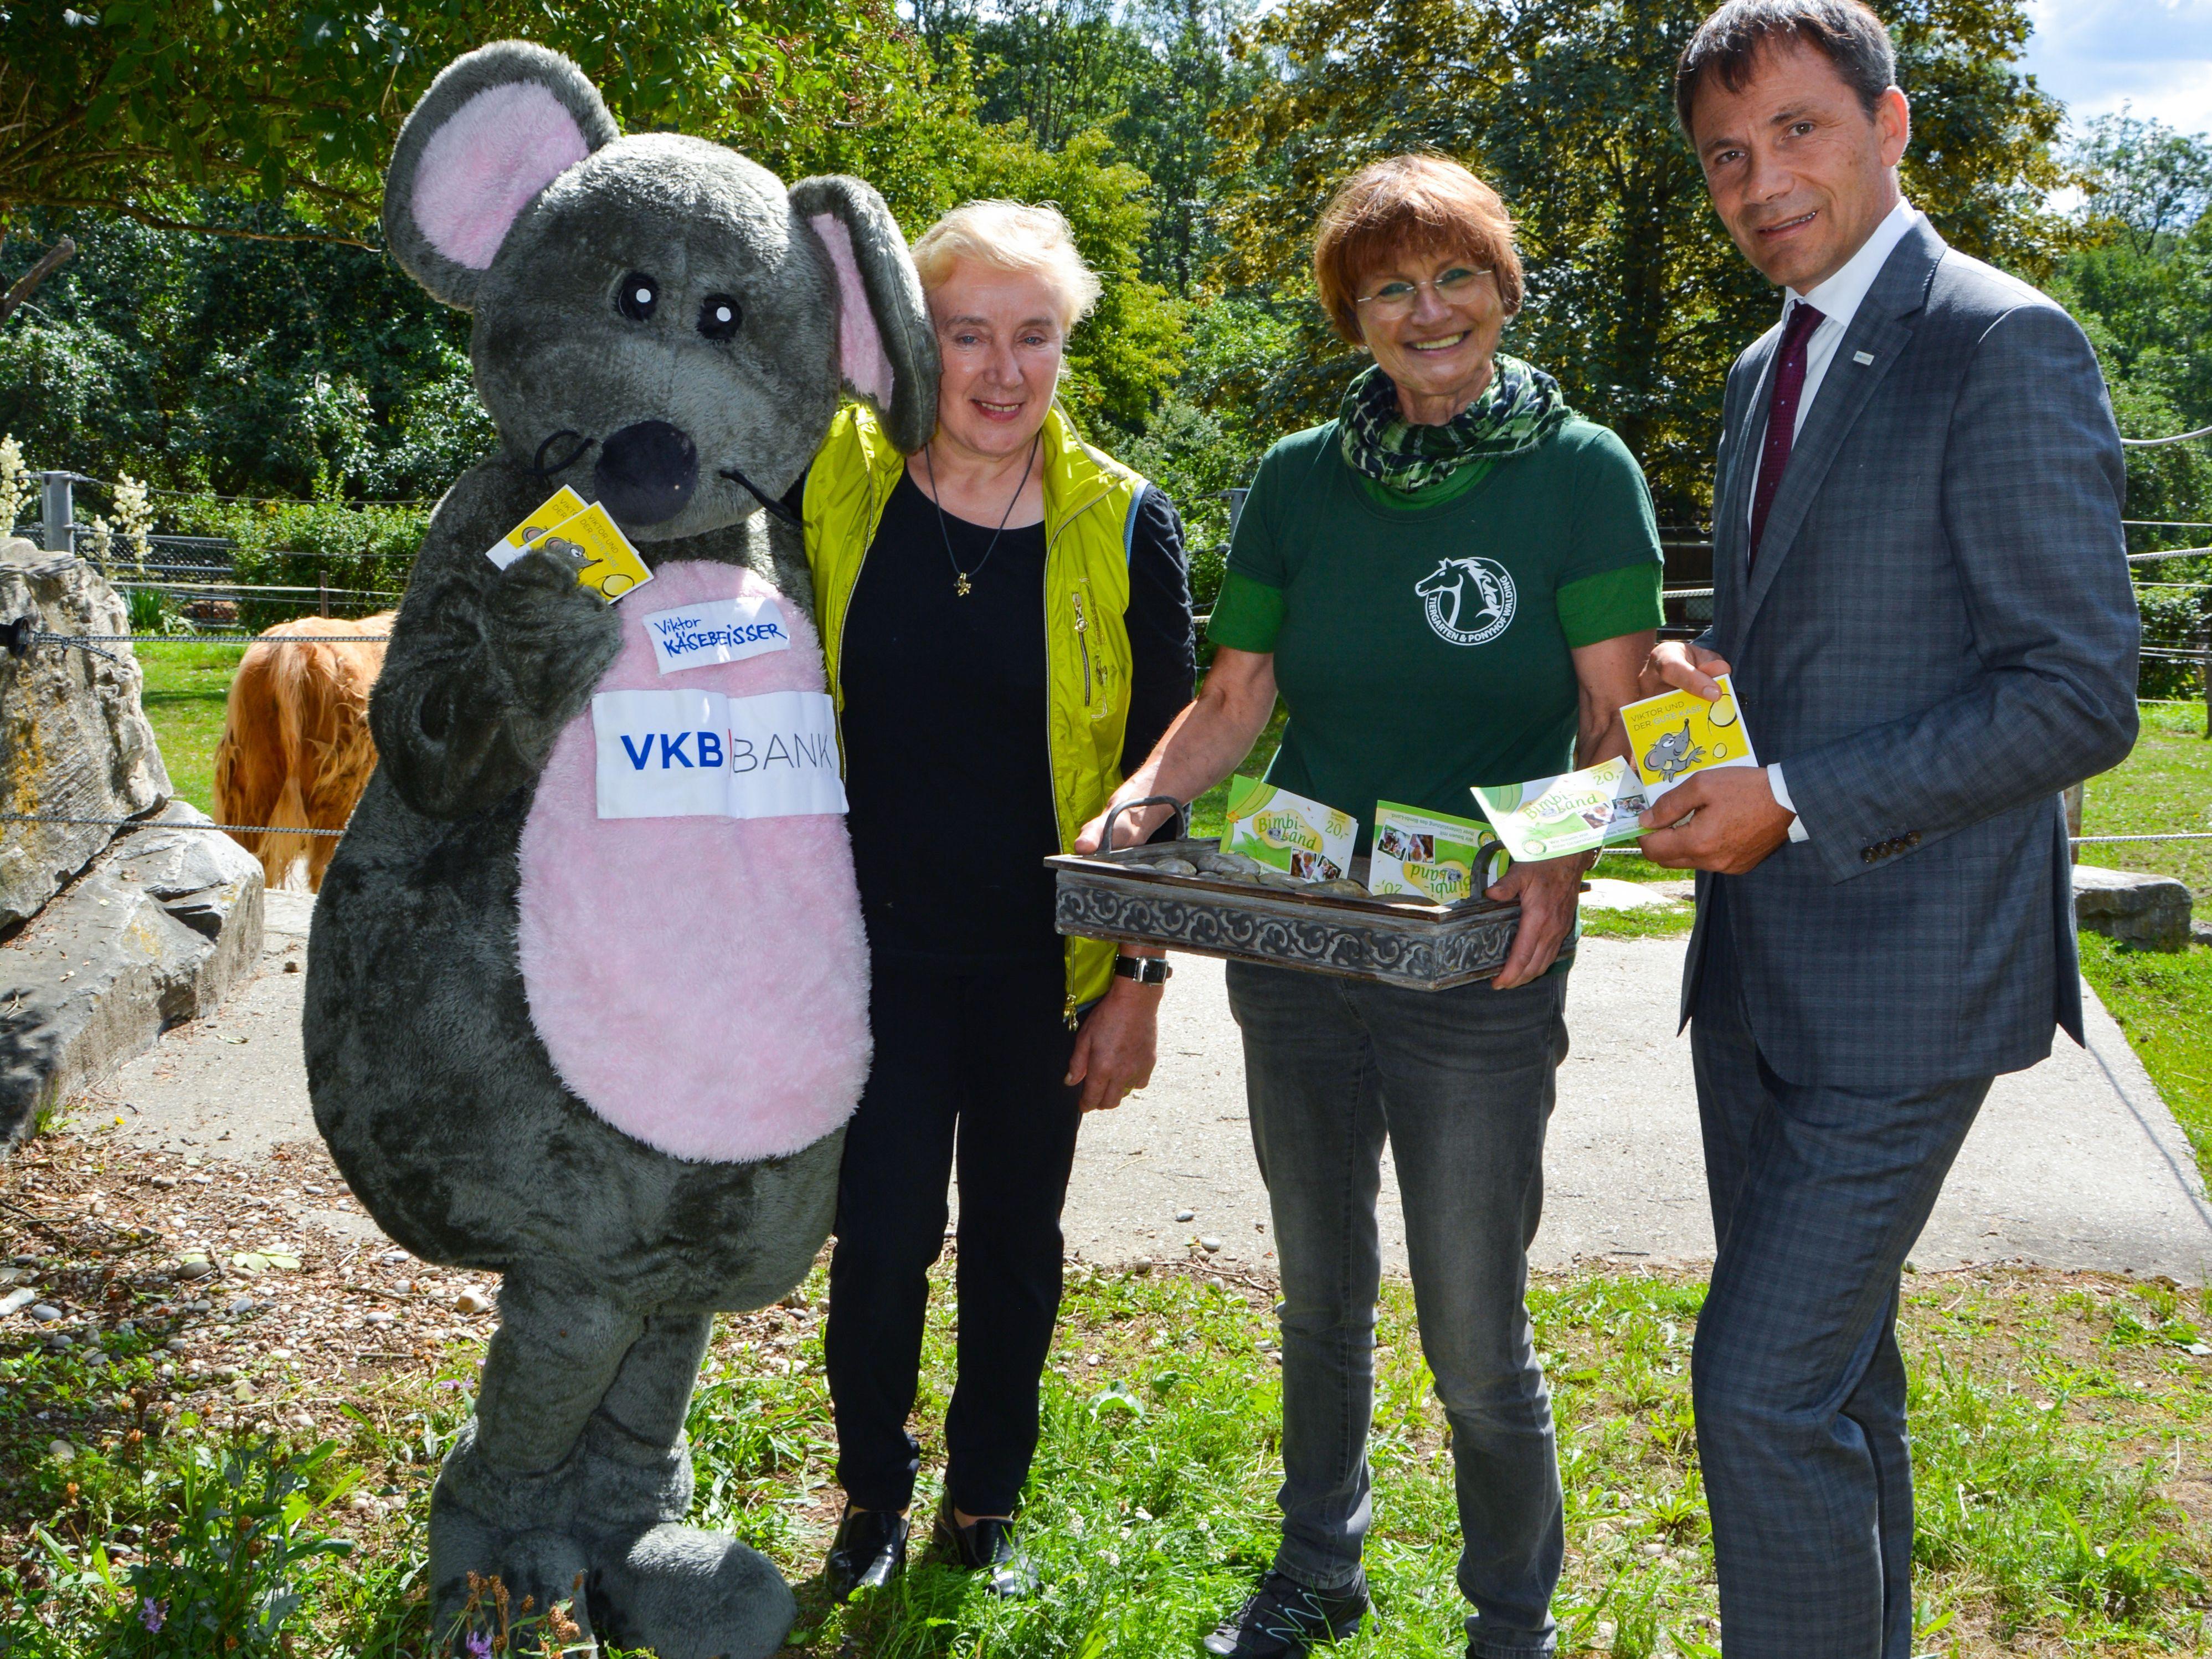 Freuen sich über die Kooperation: VKB-Maskottchen Viktor Käsebeißer, Tiergartenleiterin Angela Mair, Renate Stein und VKB-Regionaldirektor Mag. Martin Moser, MBA (v. l.).